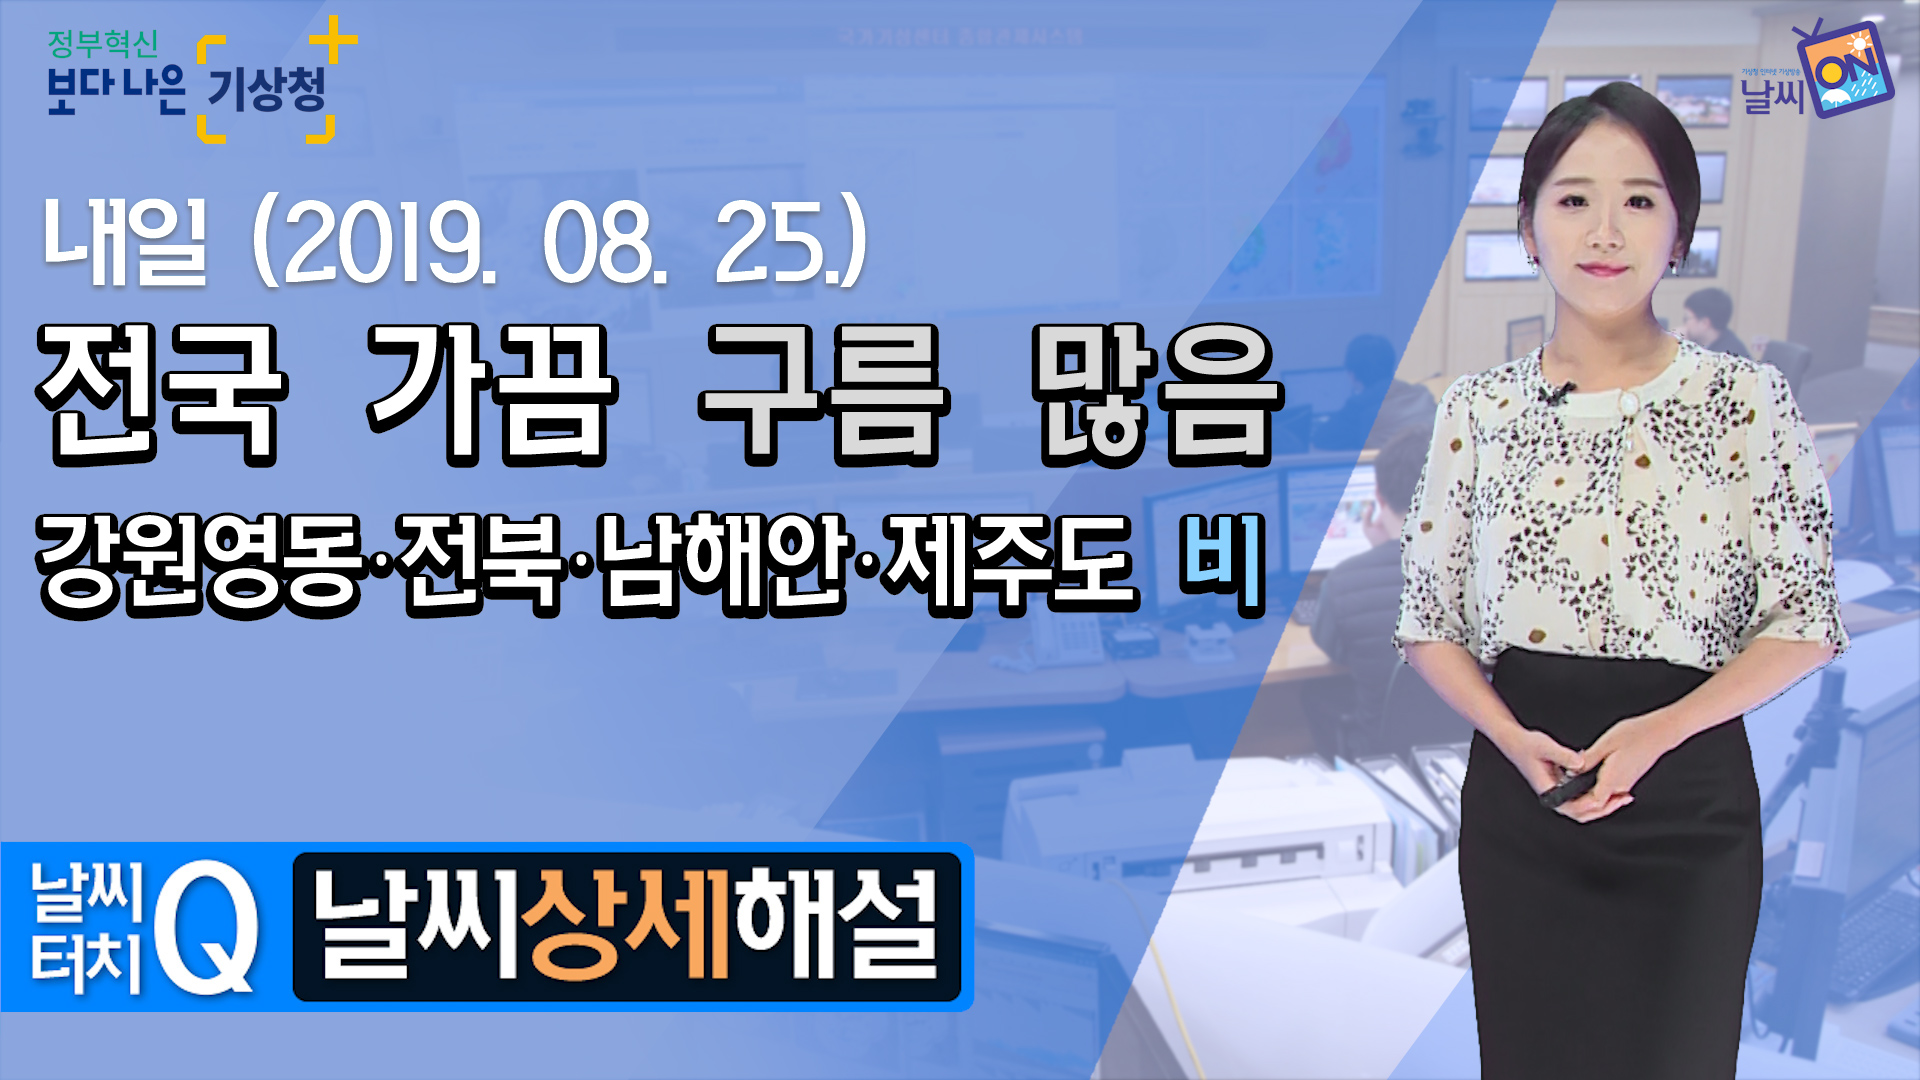 [19시] 8월 25일(일) 전국 가끔 구름 많음, 강원영동·전북·남해안·제주도 비